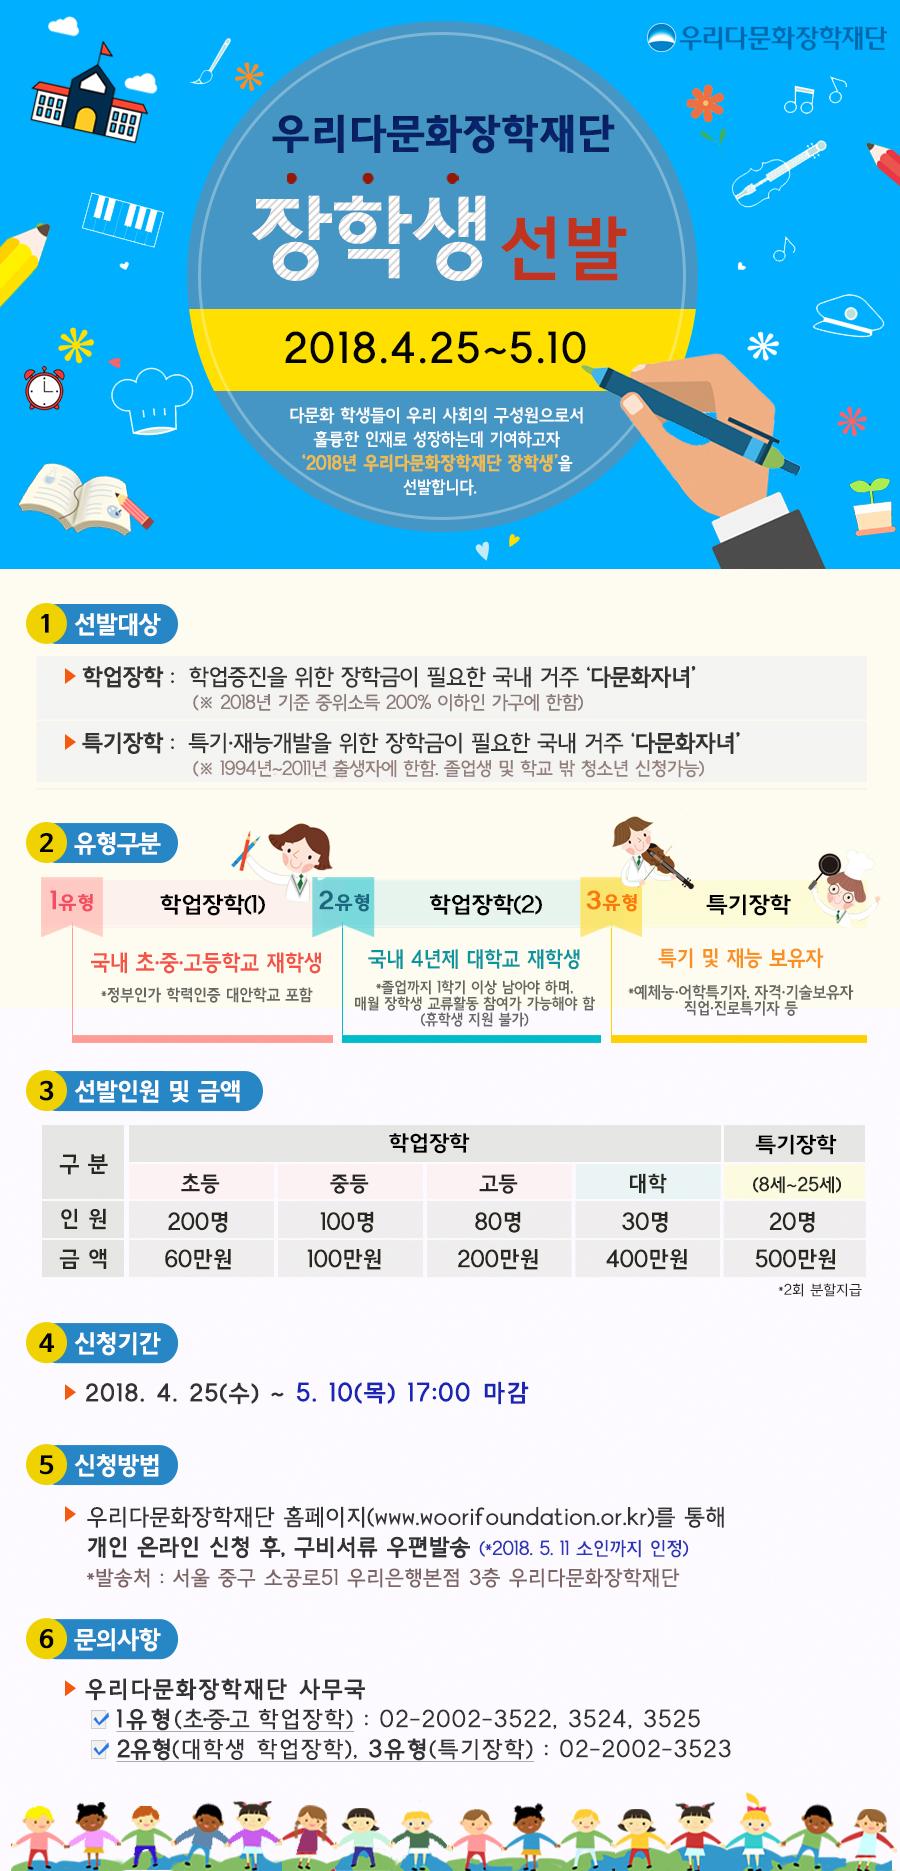 우리다문화장학재단-2018년 우리다문화장학재단 장학생 선발 홍보지.jpg